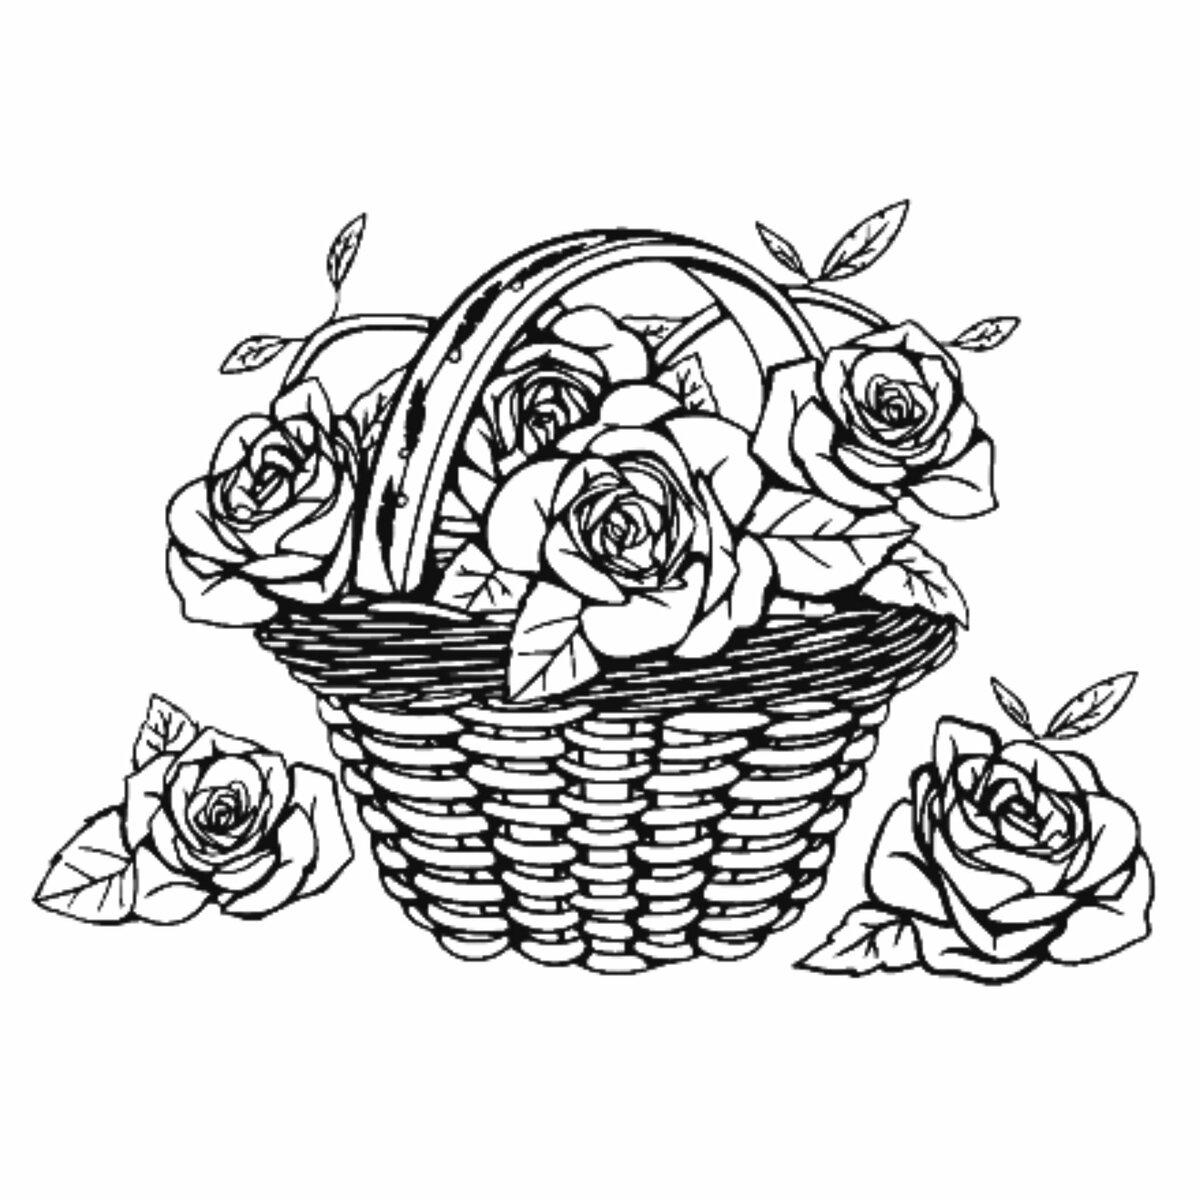 Картинки корзина с цветами нарисованные, открыток инструмент открытка